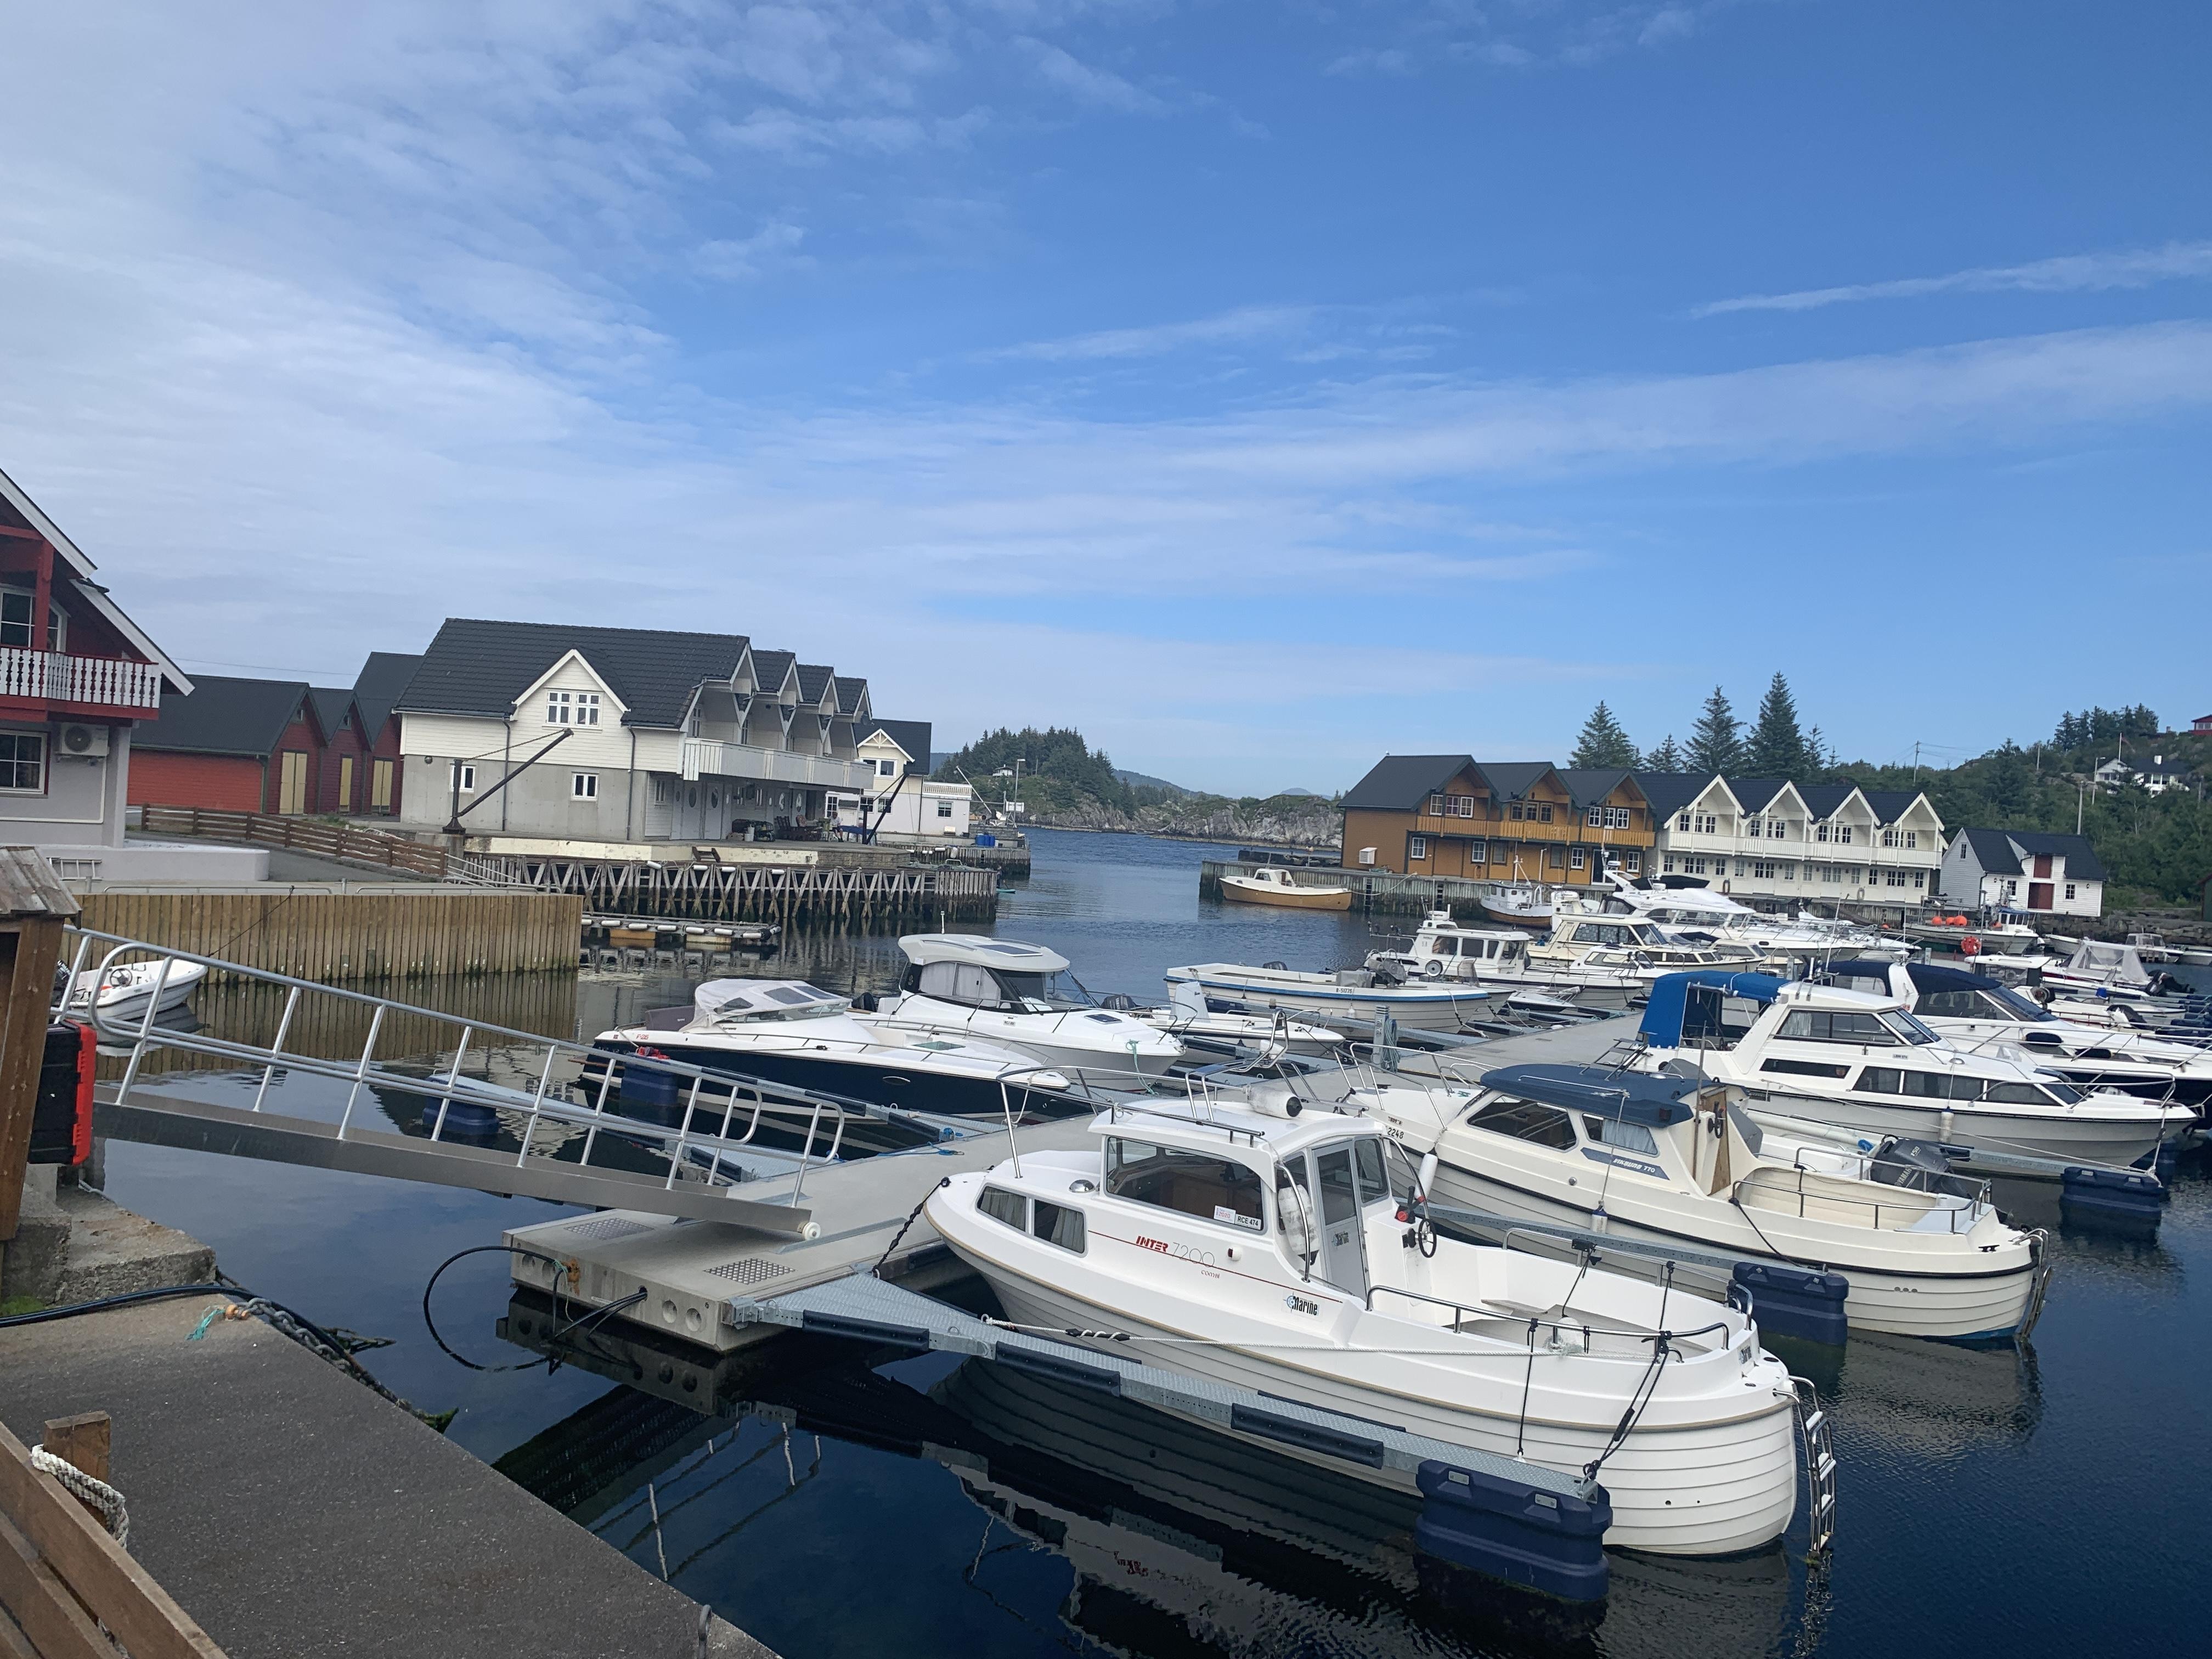 https://marinasolutions.no/uploads/Rabben-båtlag_-Marina-levert-av-Marina-Solutions_Etnebrygga-9.JPG